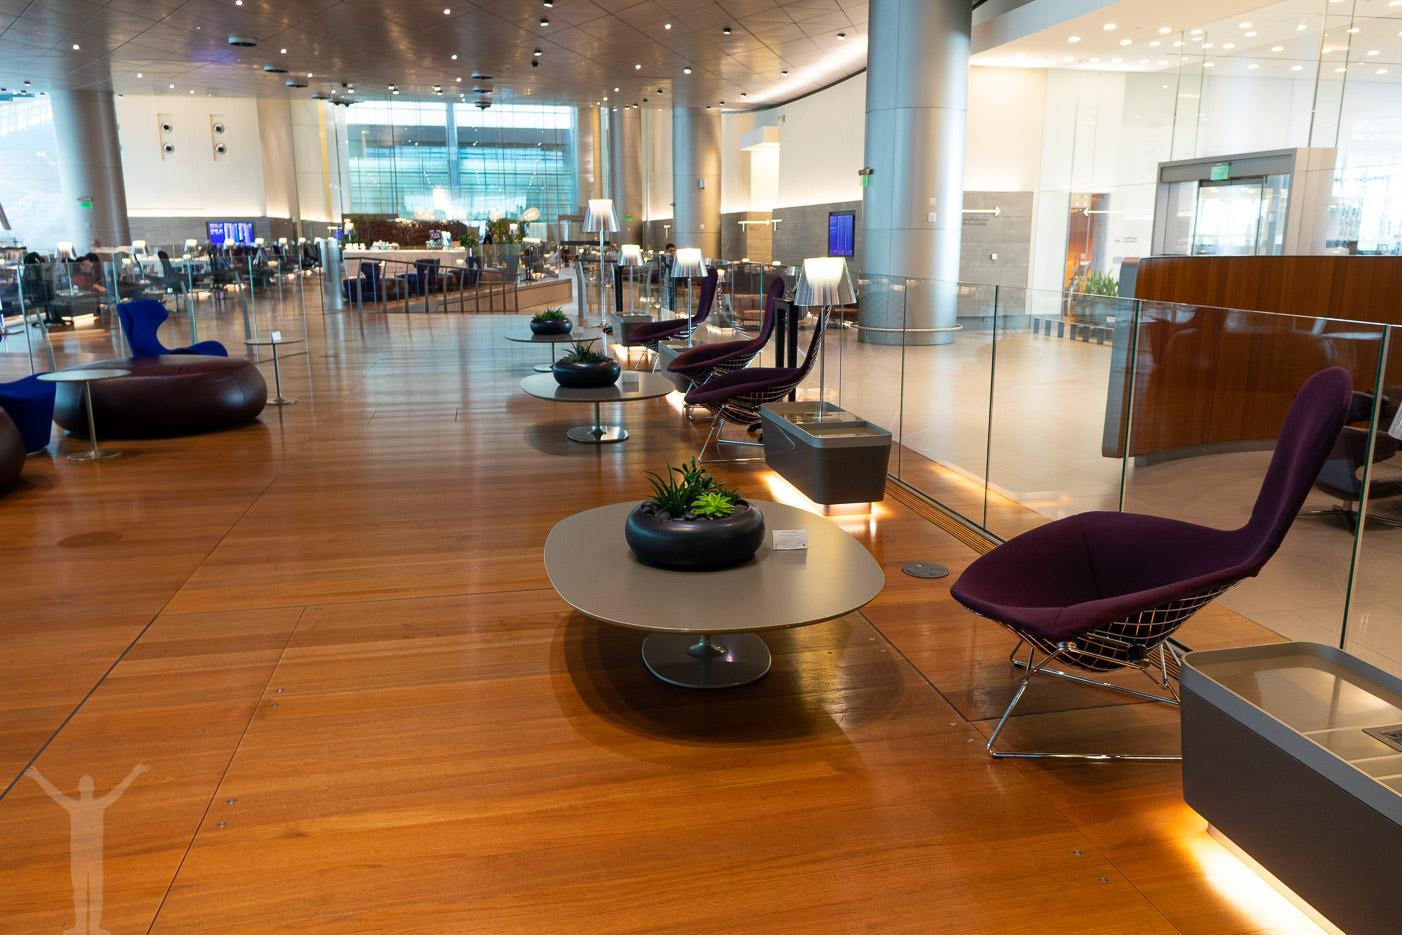 Jättestora ytor på 10000 kvadratmeter i Al Mourjan Business Lounge